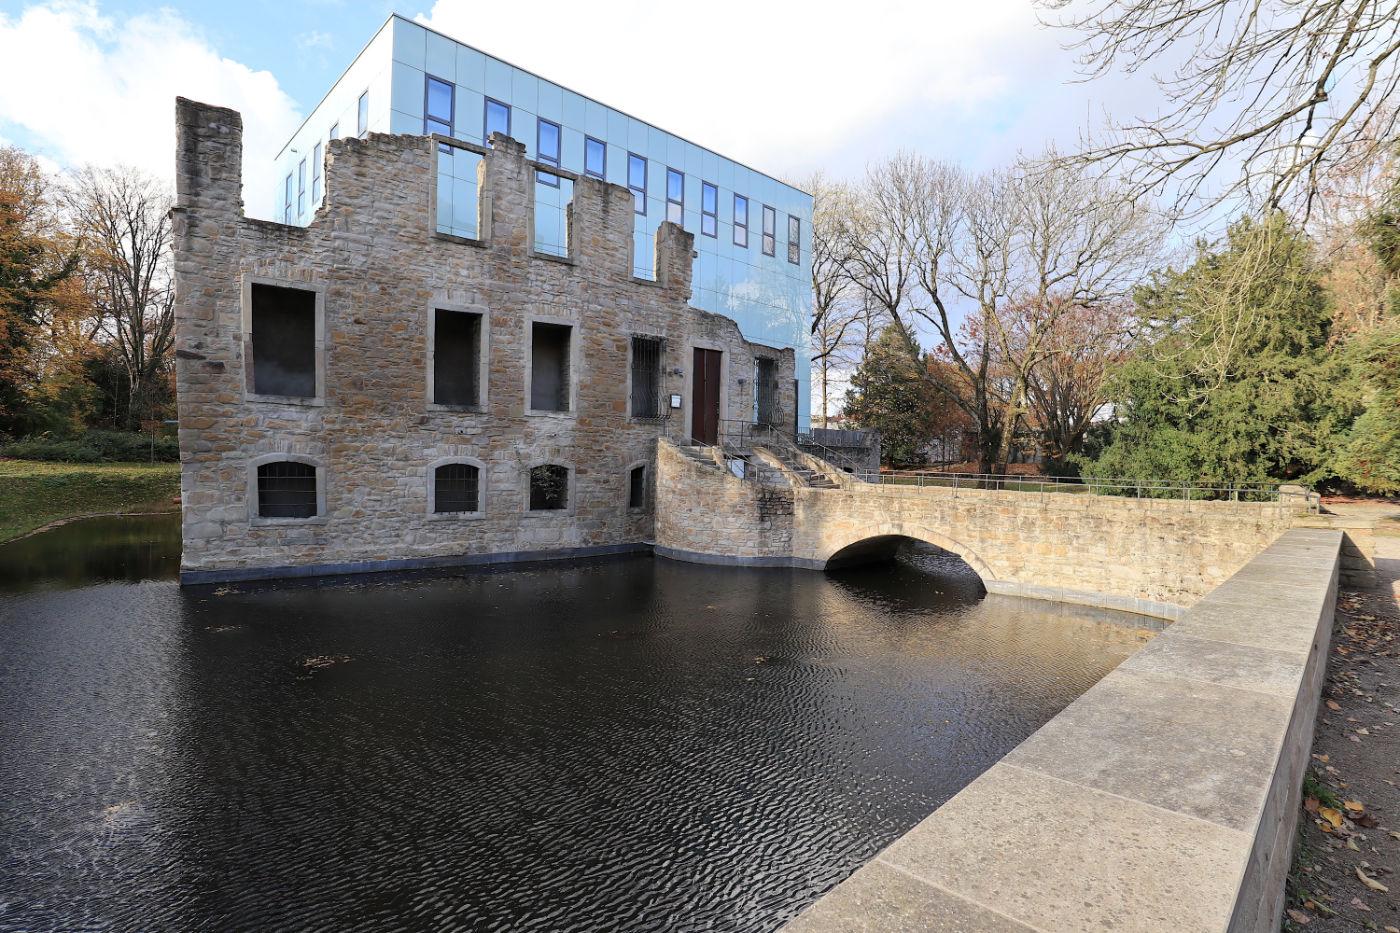 Situation Kunst (für Max Imdahl). Der Bochumer Architekt Peter Forth plante die erste Baustufe. Danach gab es mehrere Erweiterungen wie hier der Kubus von ...